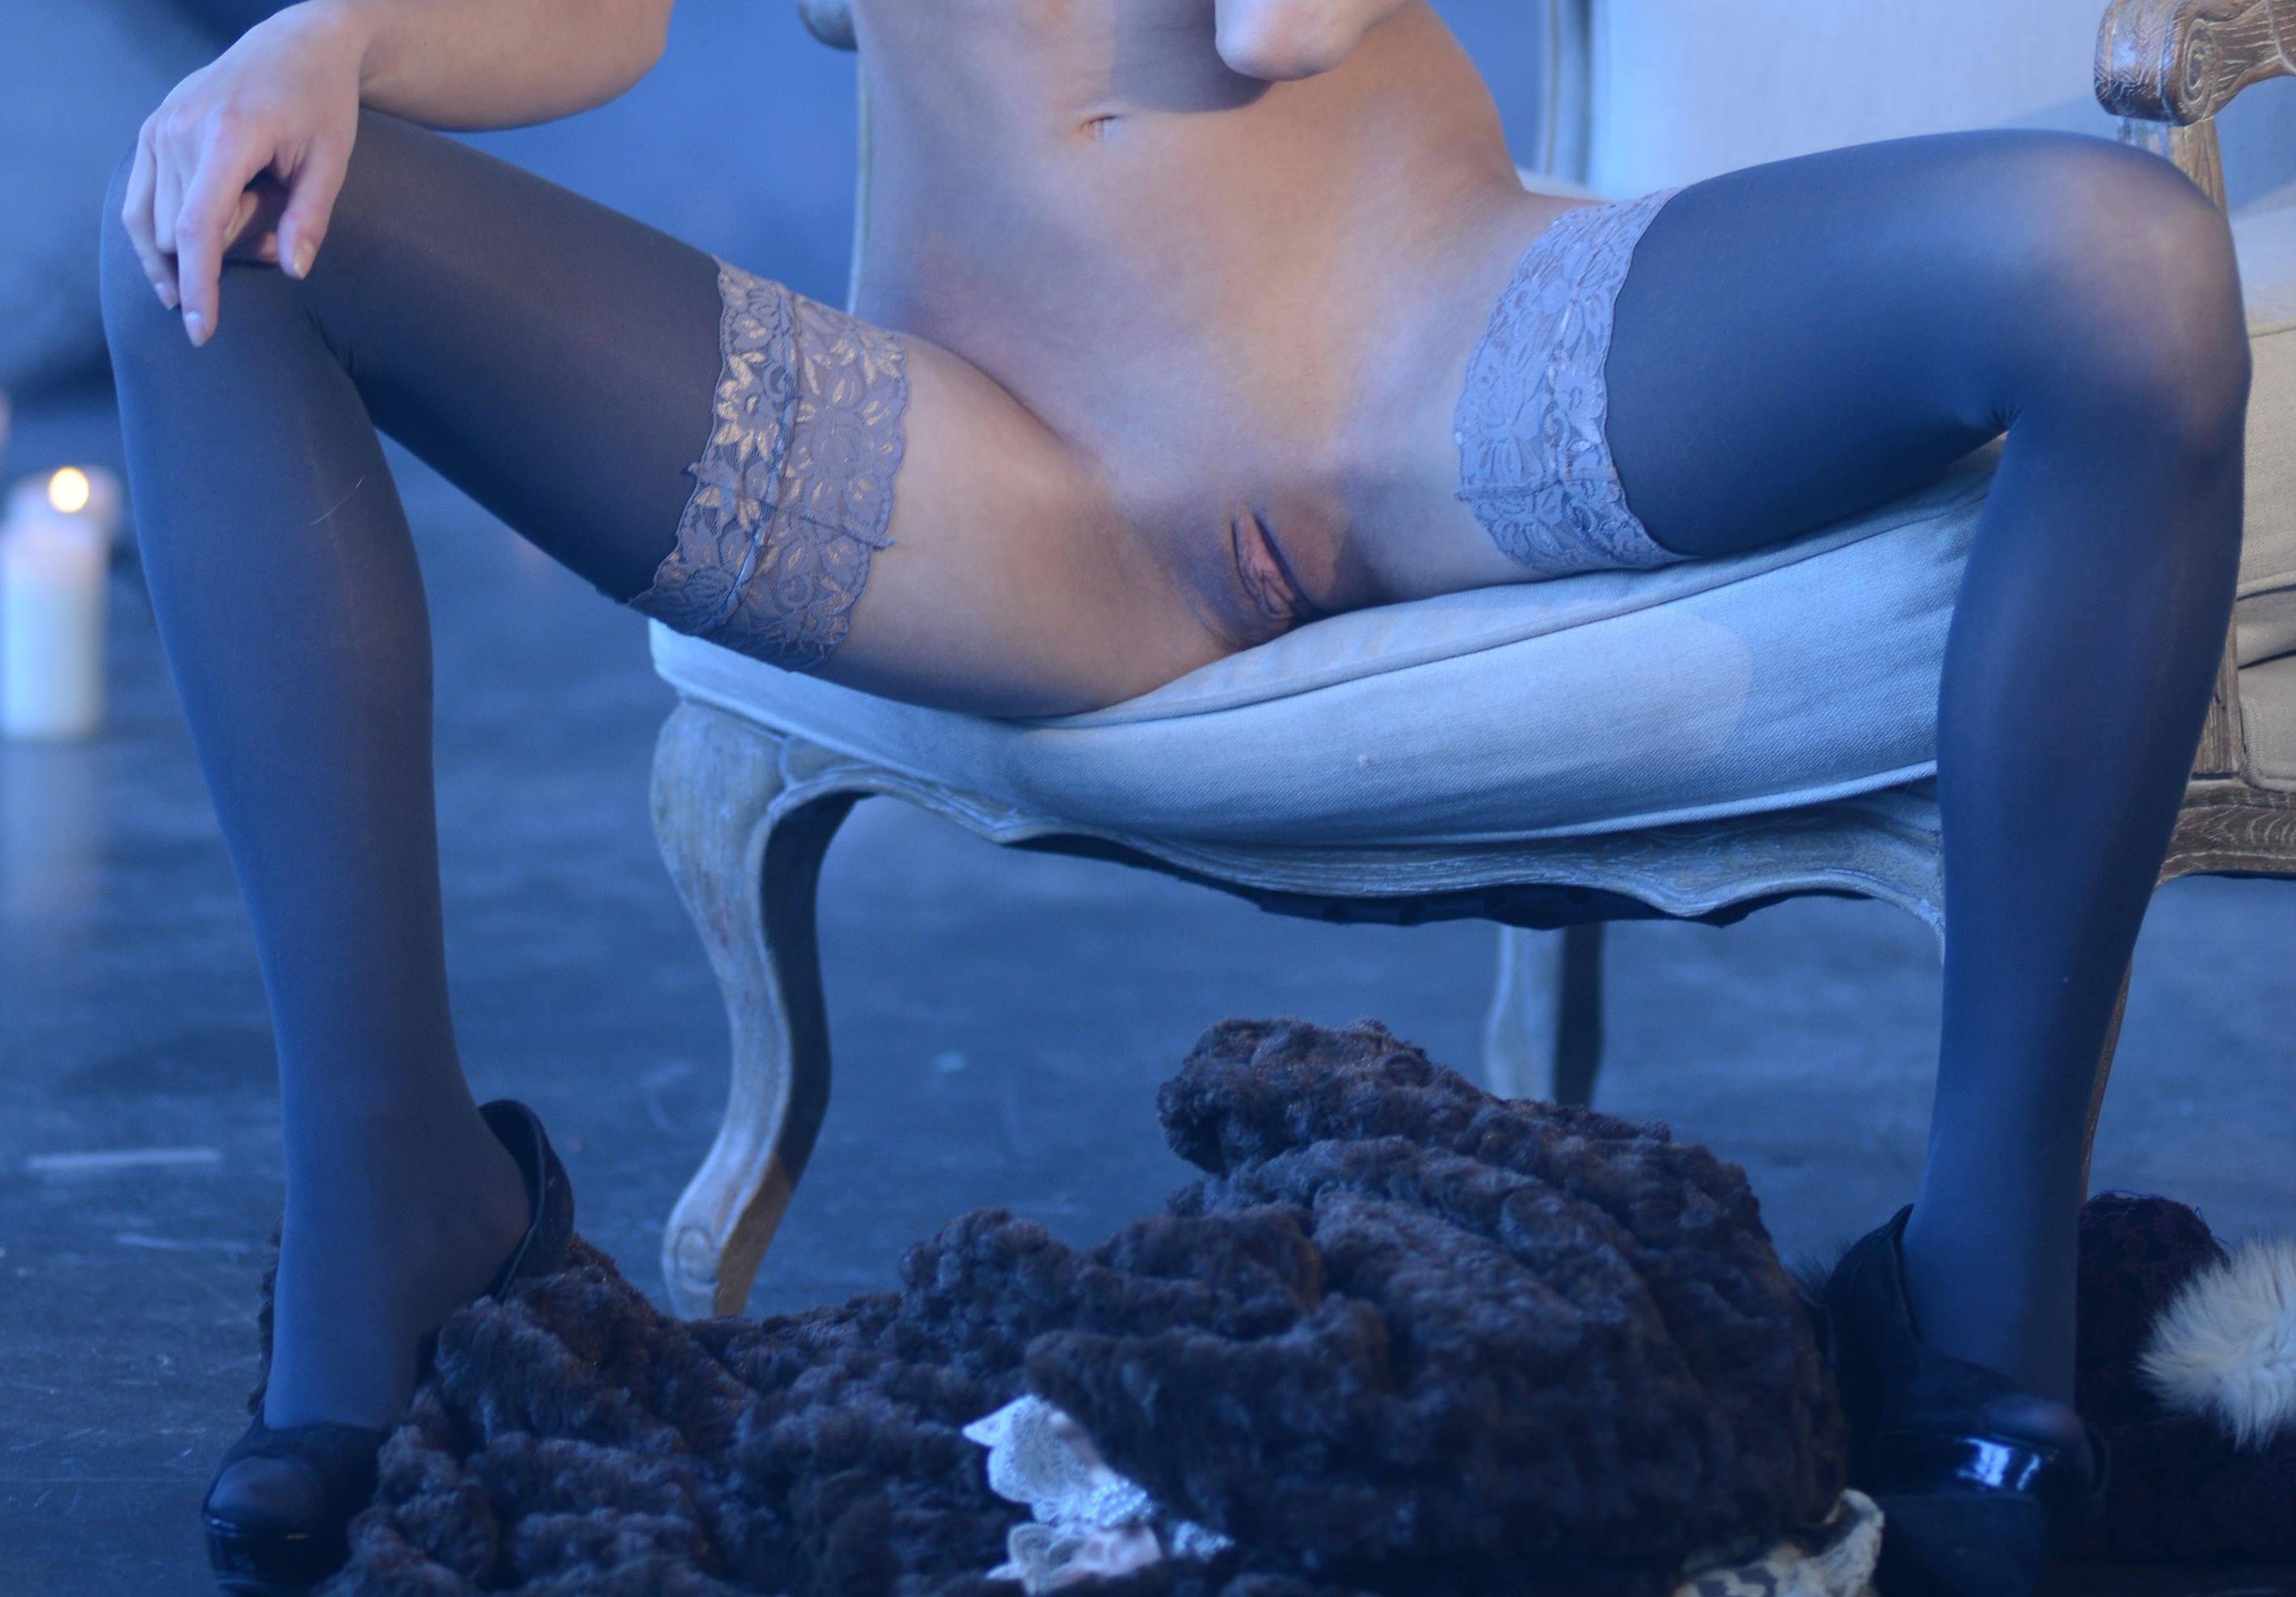 Фото Серые чулочки, девушка без трусов села в кресло и развела ноги, бритая пизда, скачать картинку бесплатно